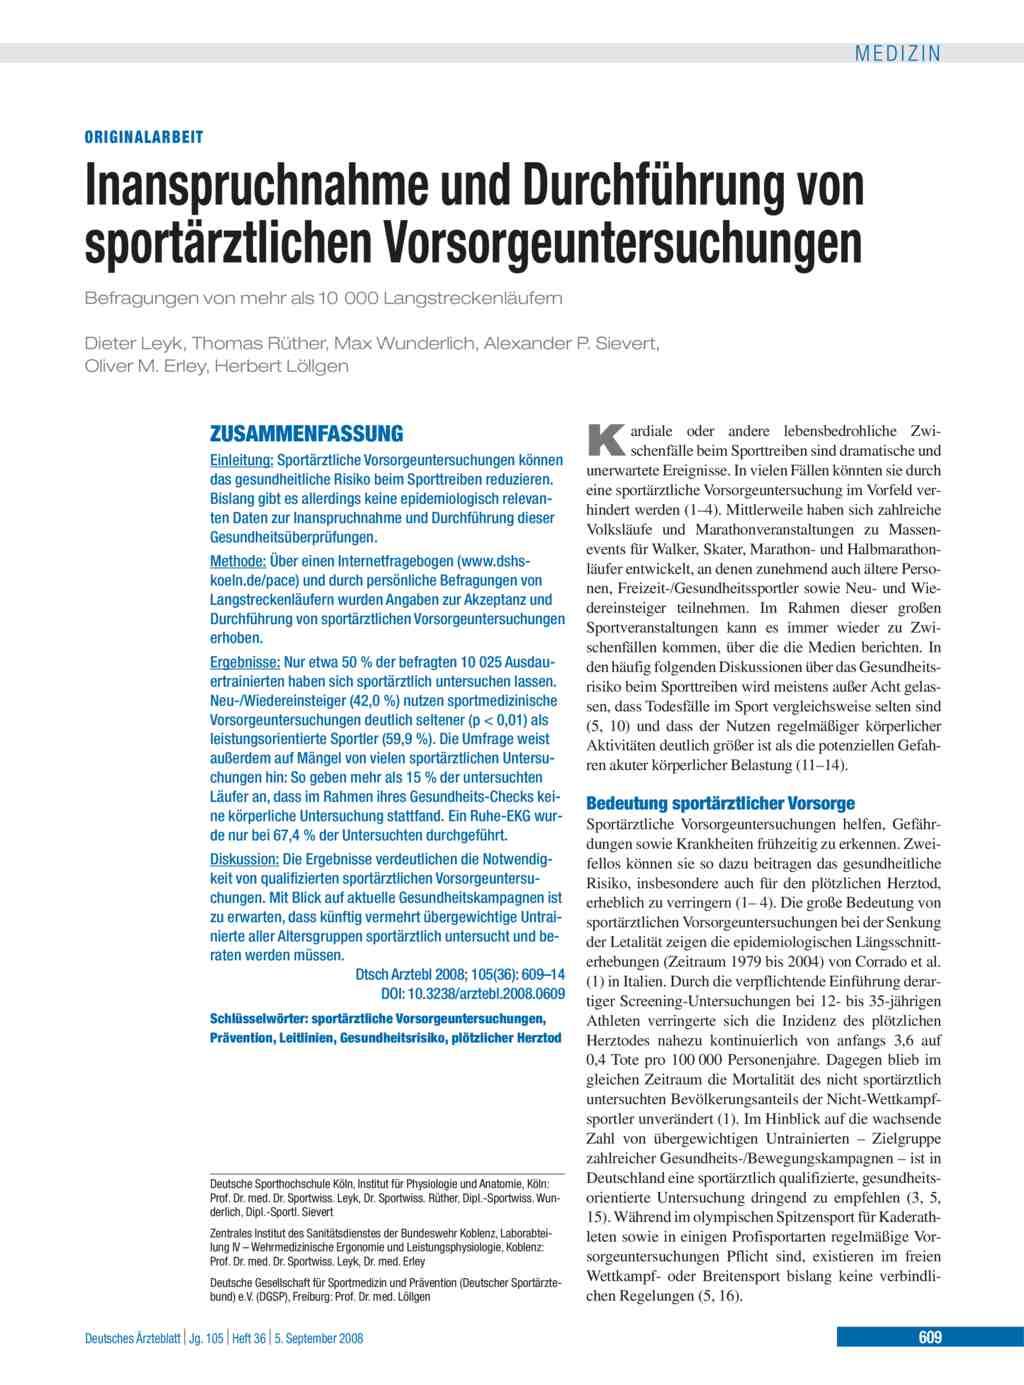 Großartig Anatomie Und Physiologie Fragen Und Antworten Für ...